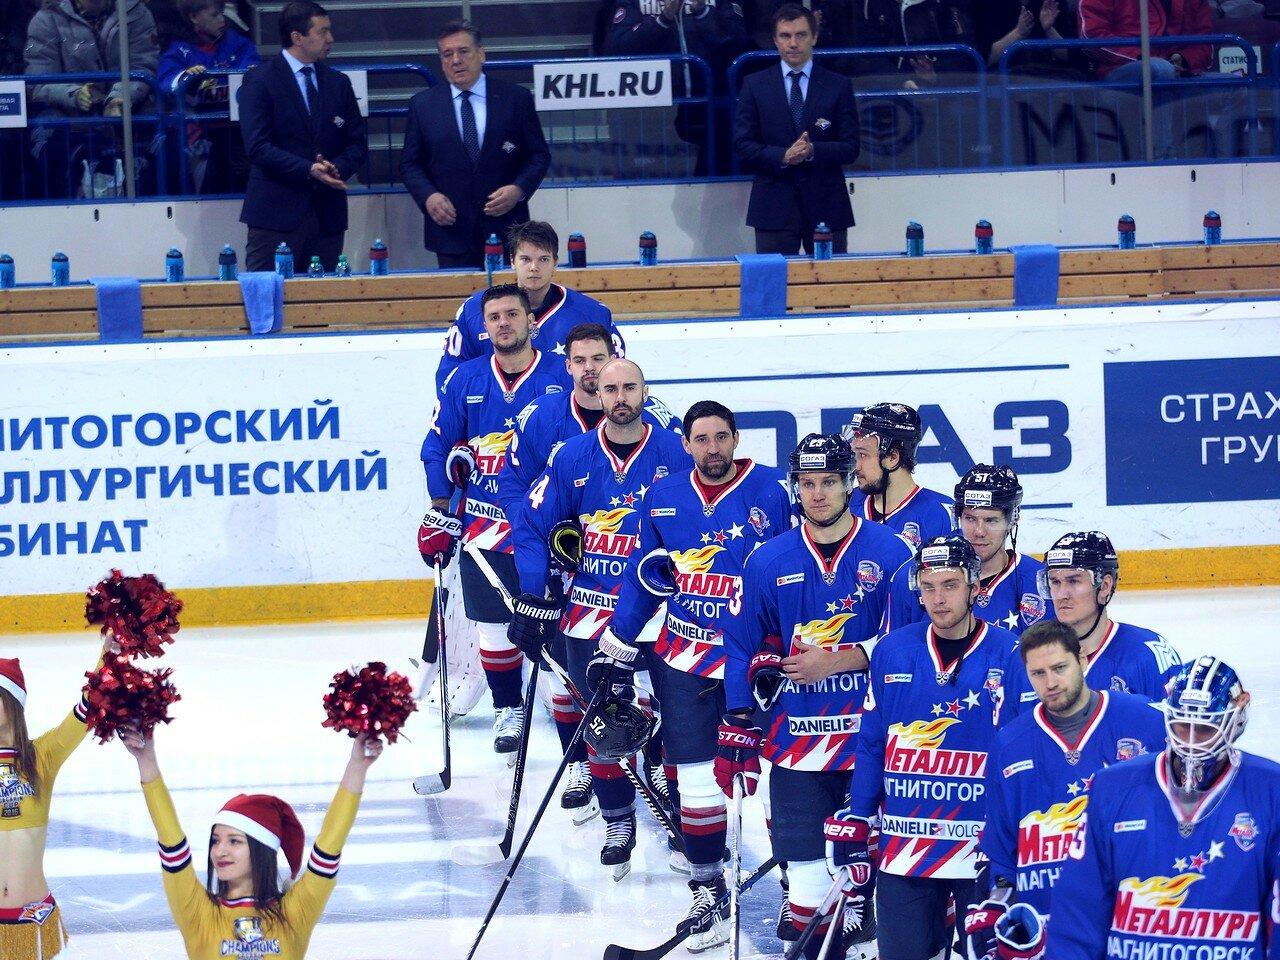 55Металлург - Спартак 13.01.2017